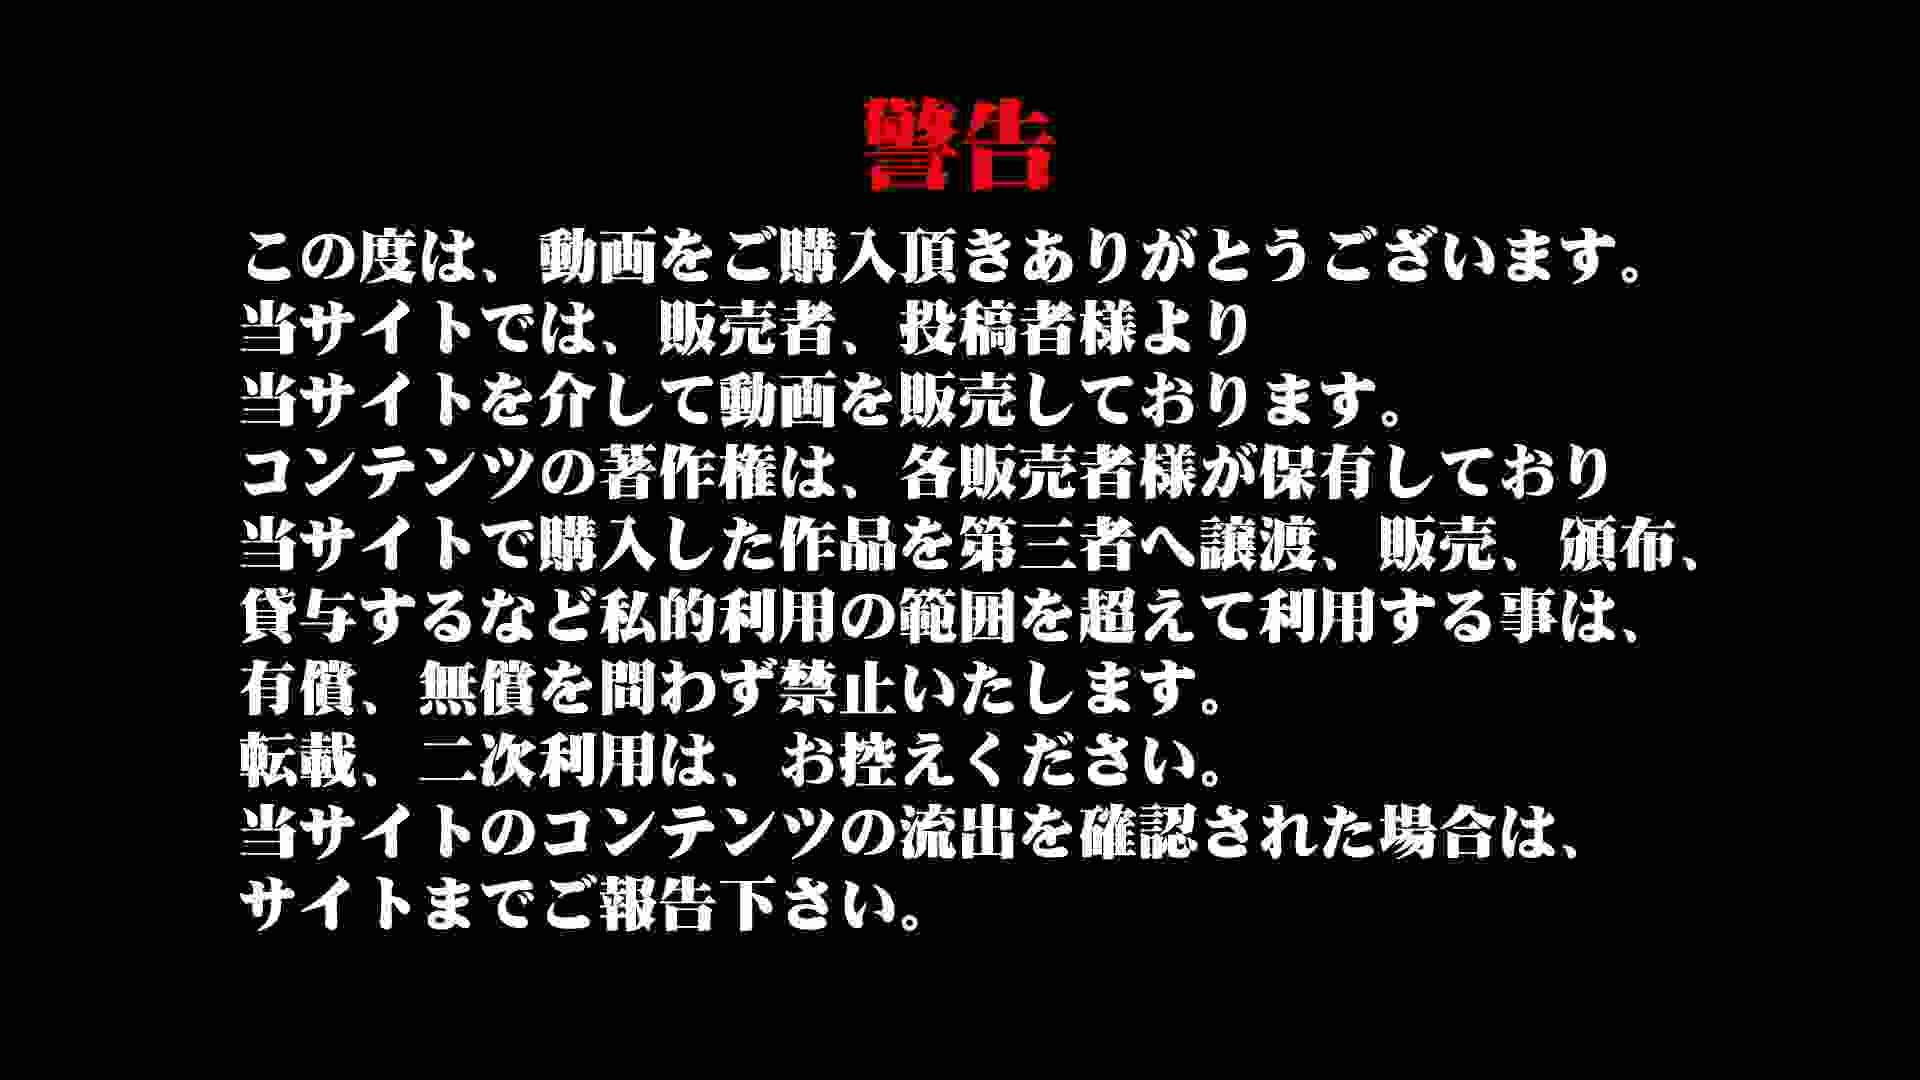 Aquaな露天風呂Vol.927 OLのエロ生活  89連発 42